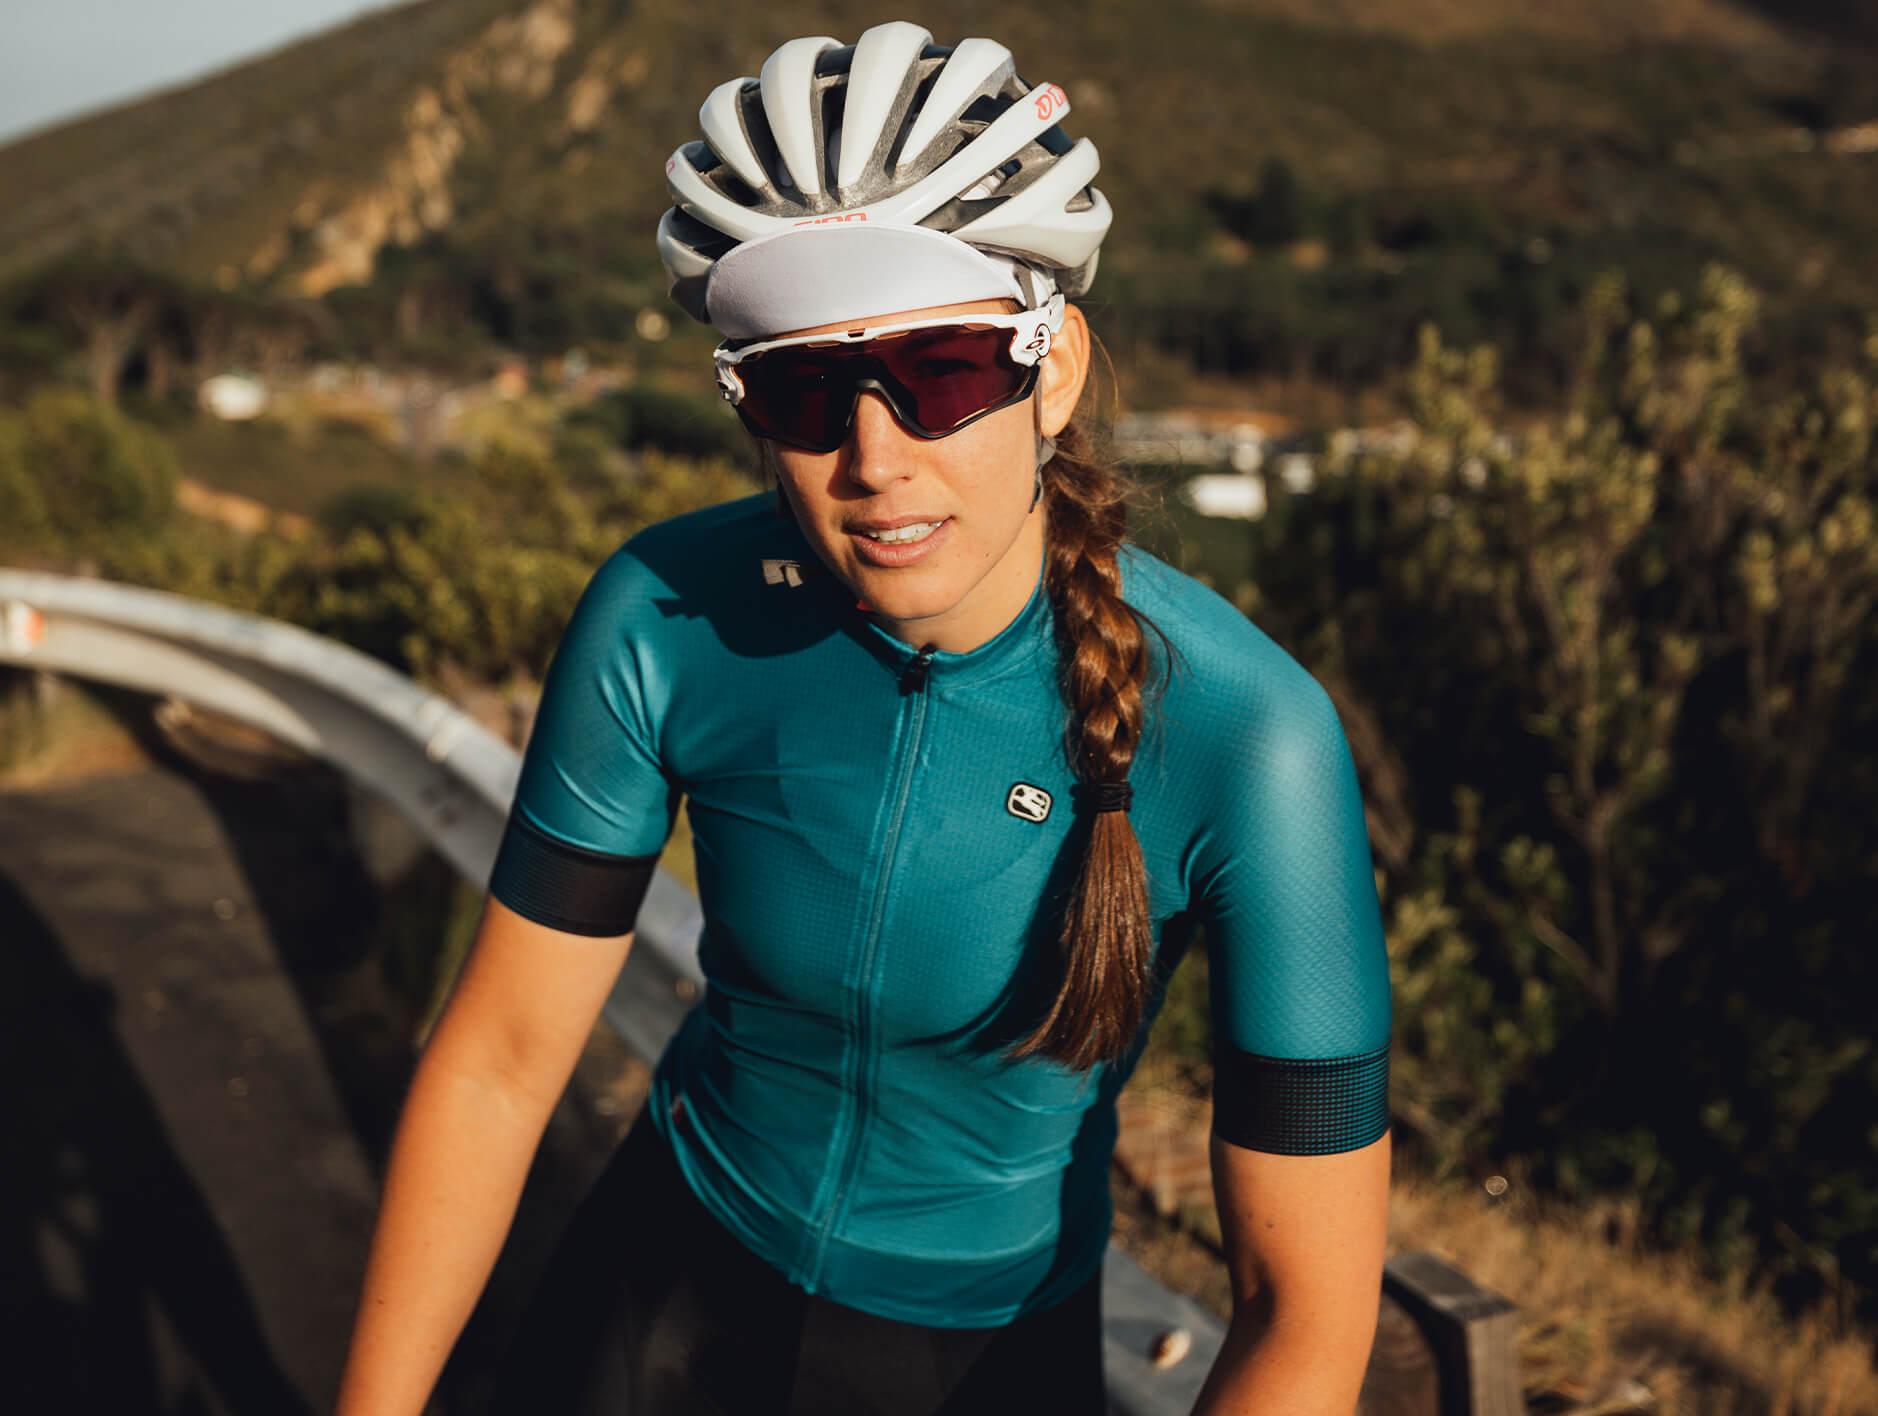 giordana-cycling-jersey-guide-fr-c-women-large-1